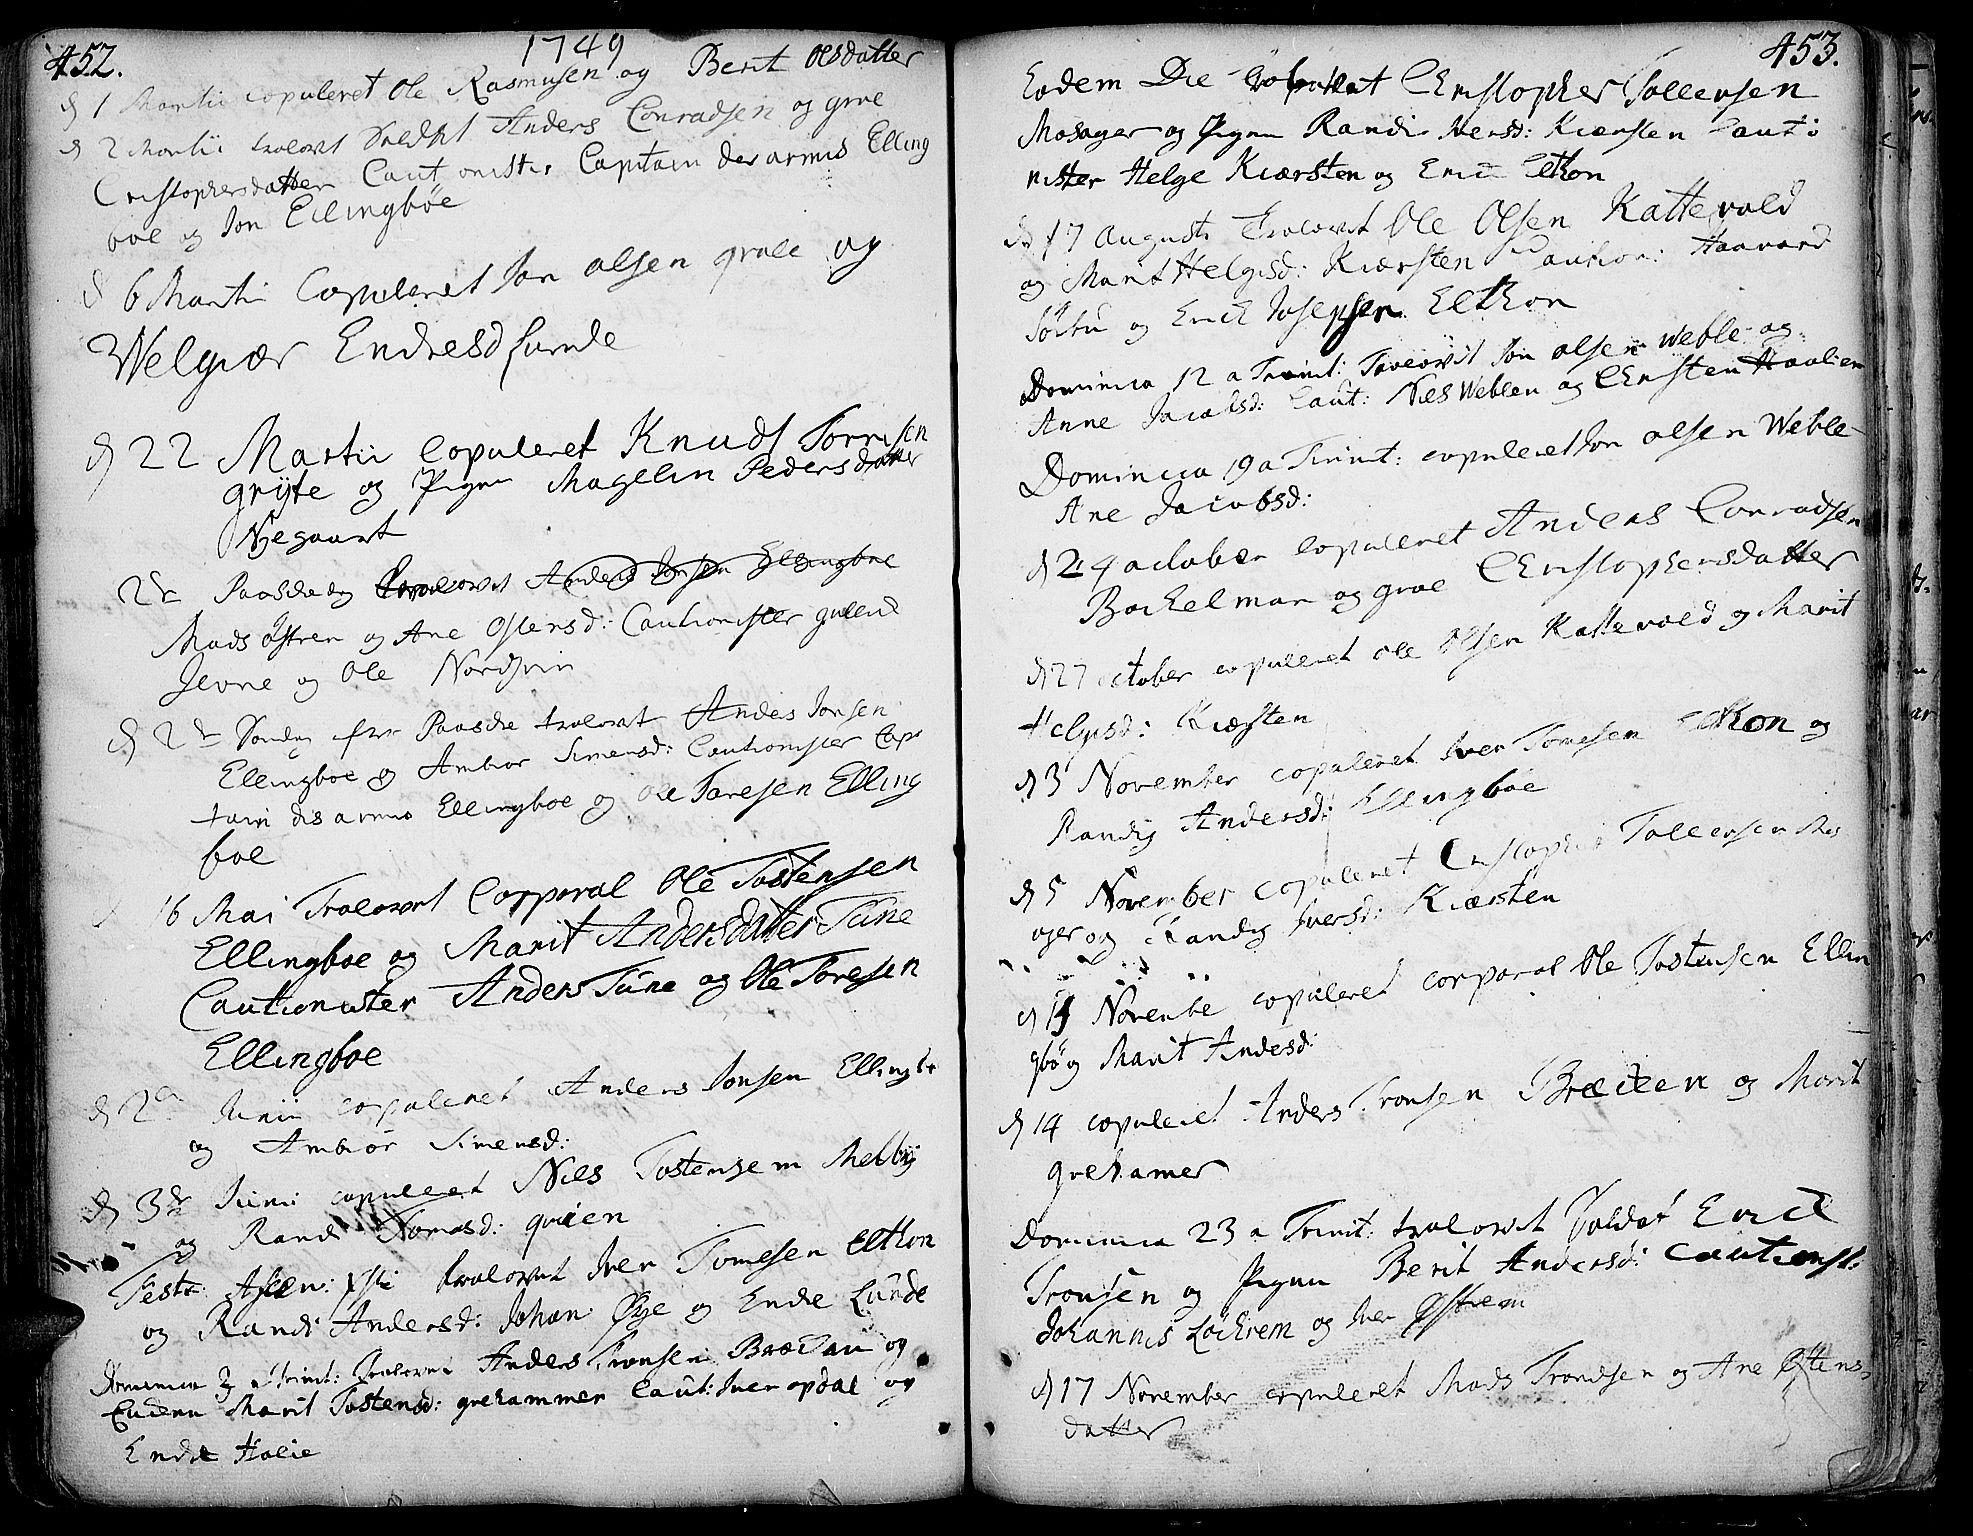 SAH, Vang prestekontor, Valdres, Ministerialbok nr. 1, 1730-1796, s. 452-453